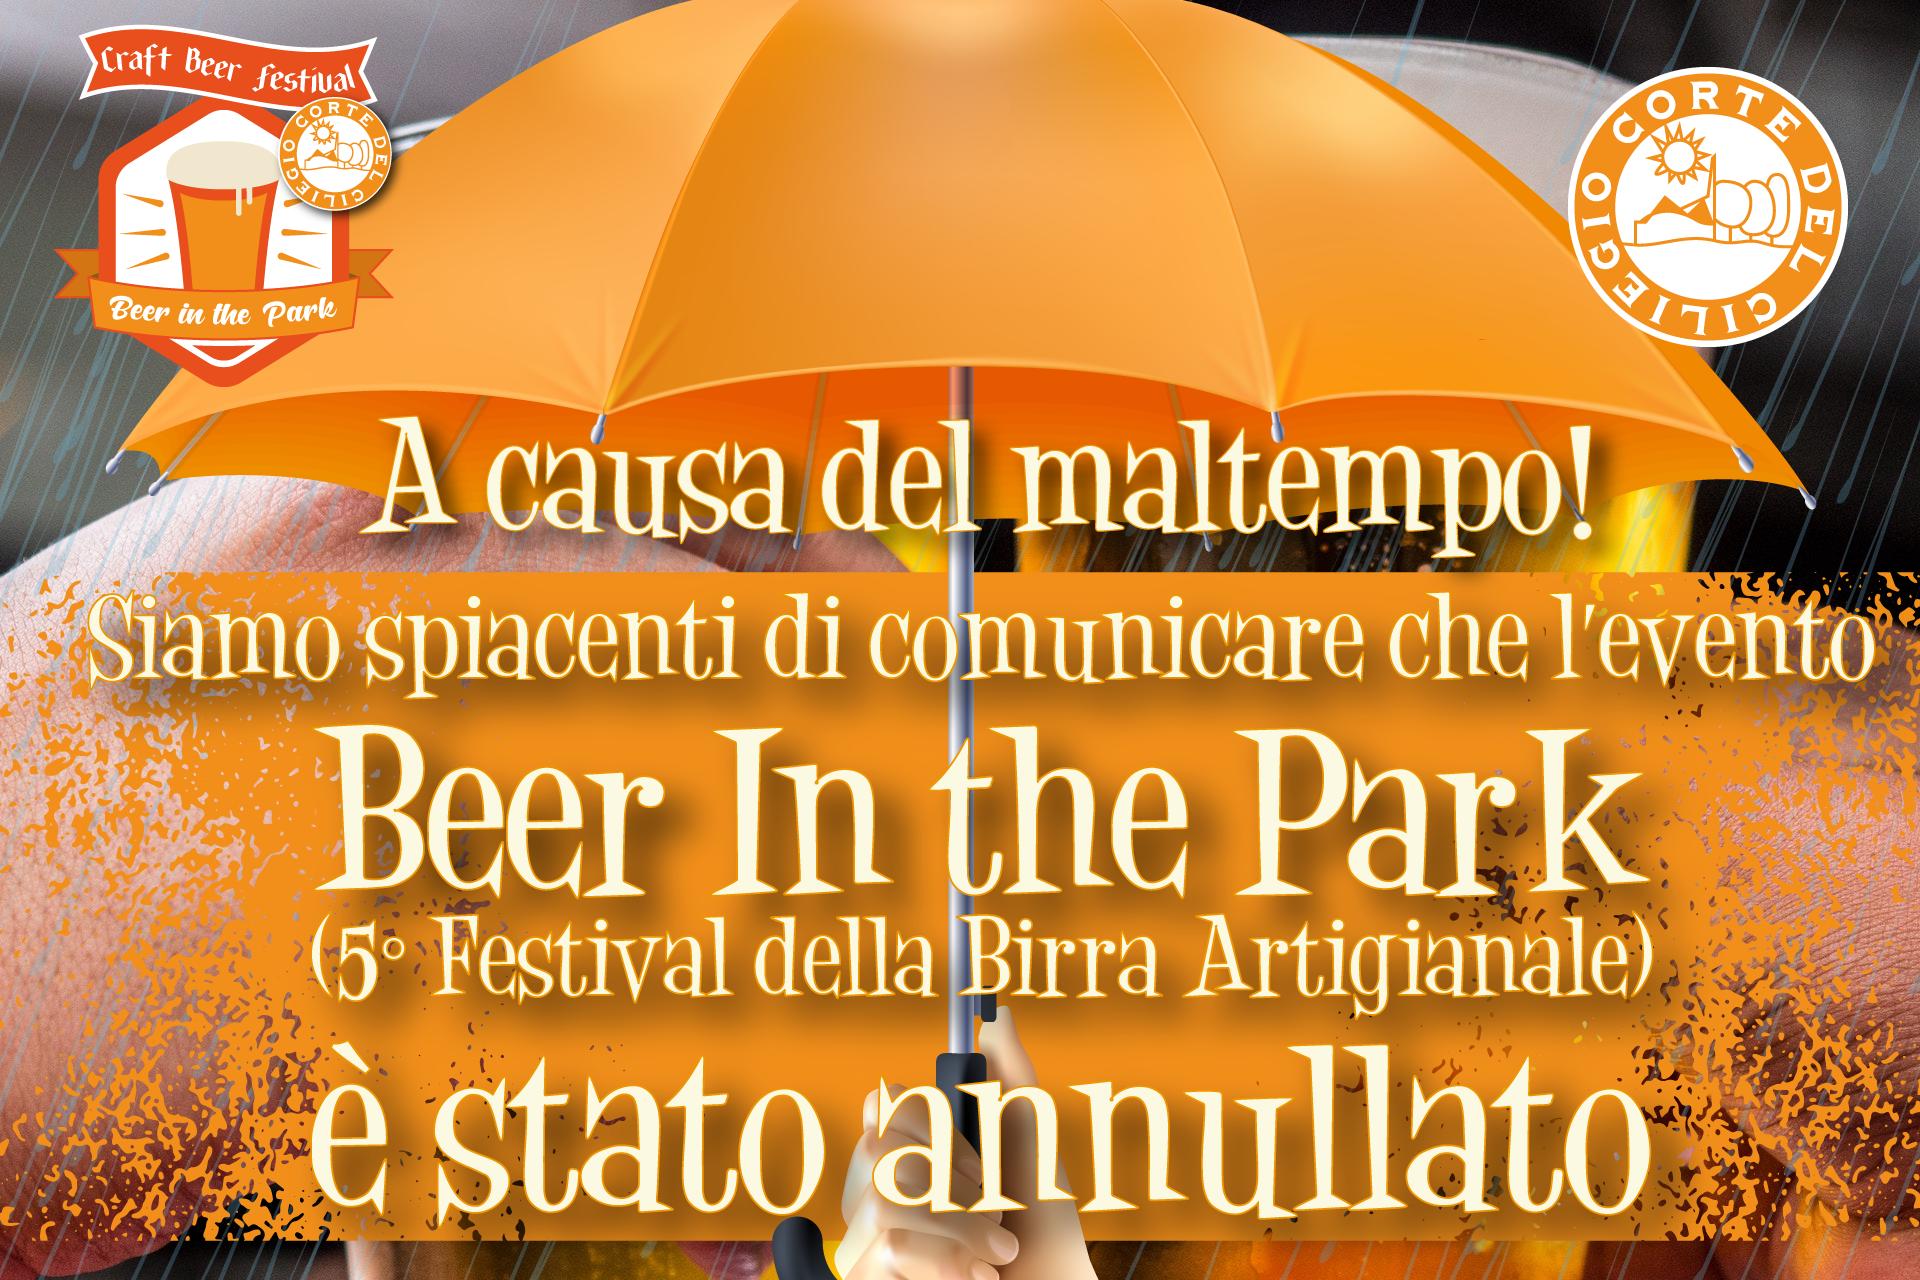 Beer In the Park: evento annullato causa maltempo!